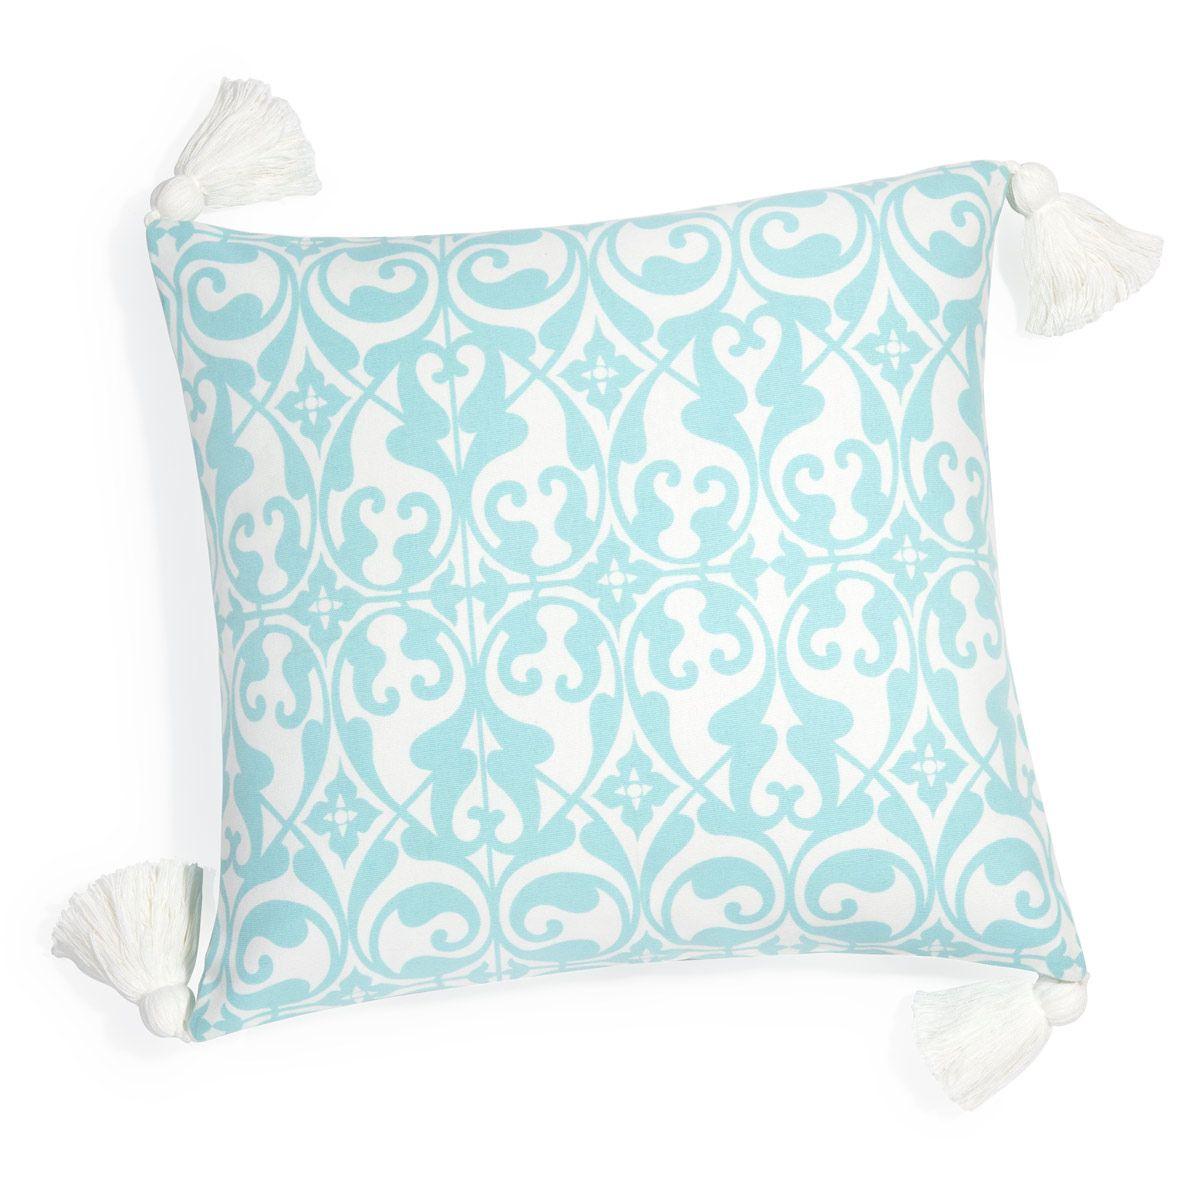 housse de coussin marmara azur tendance motifs graphique pinterest housse de coussins. Black Bedroom Furniture Sets. Home Design Ideas